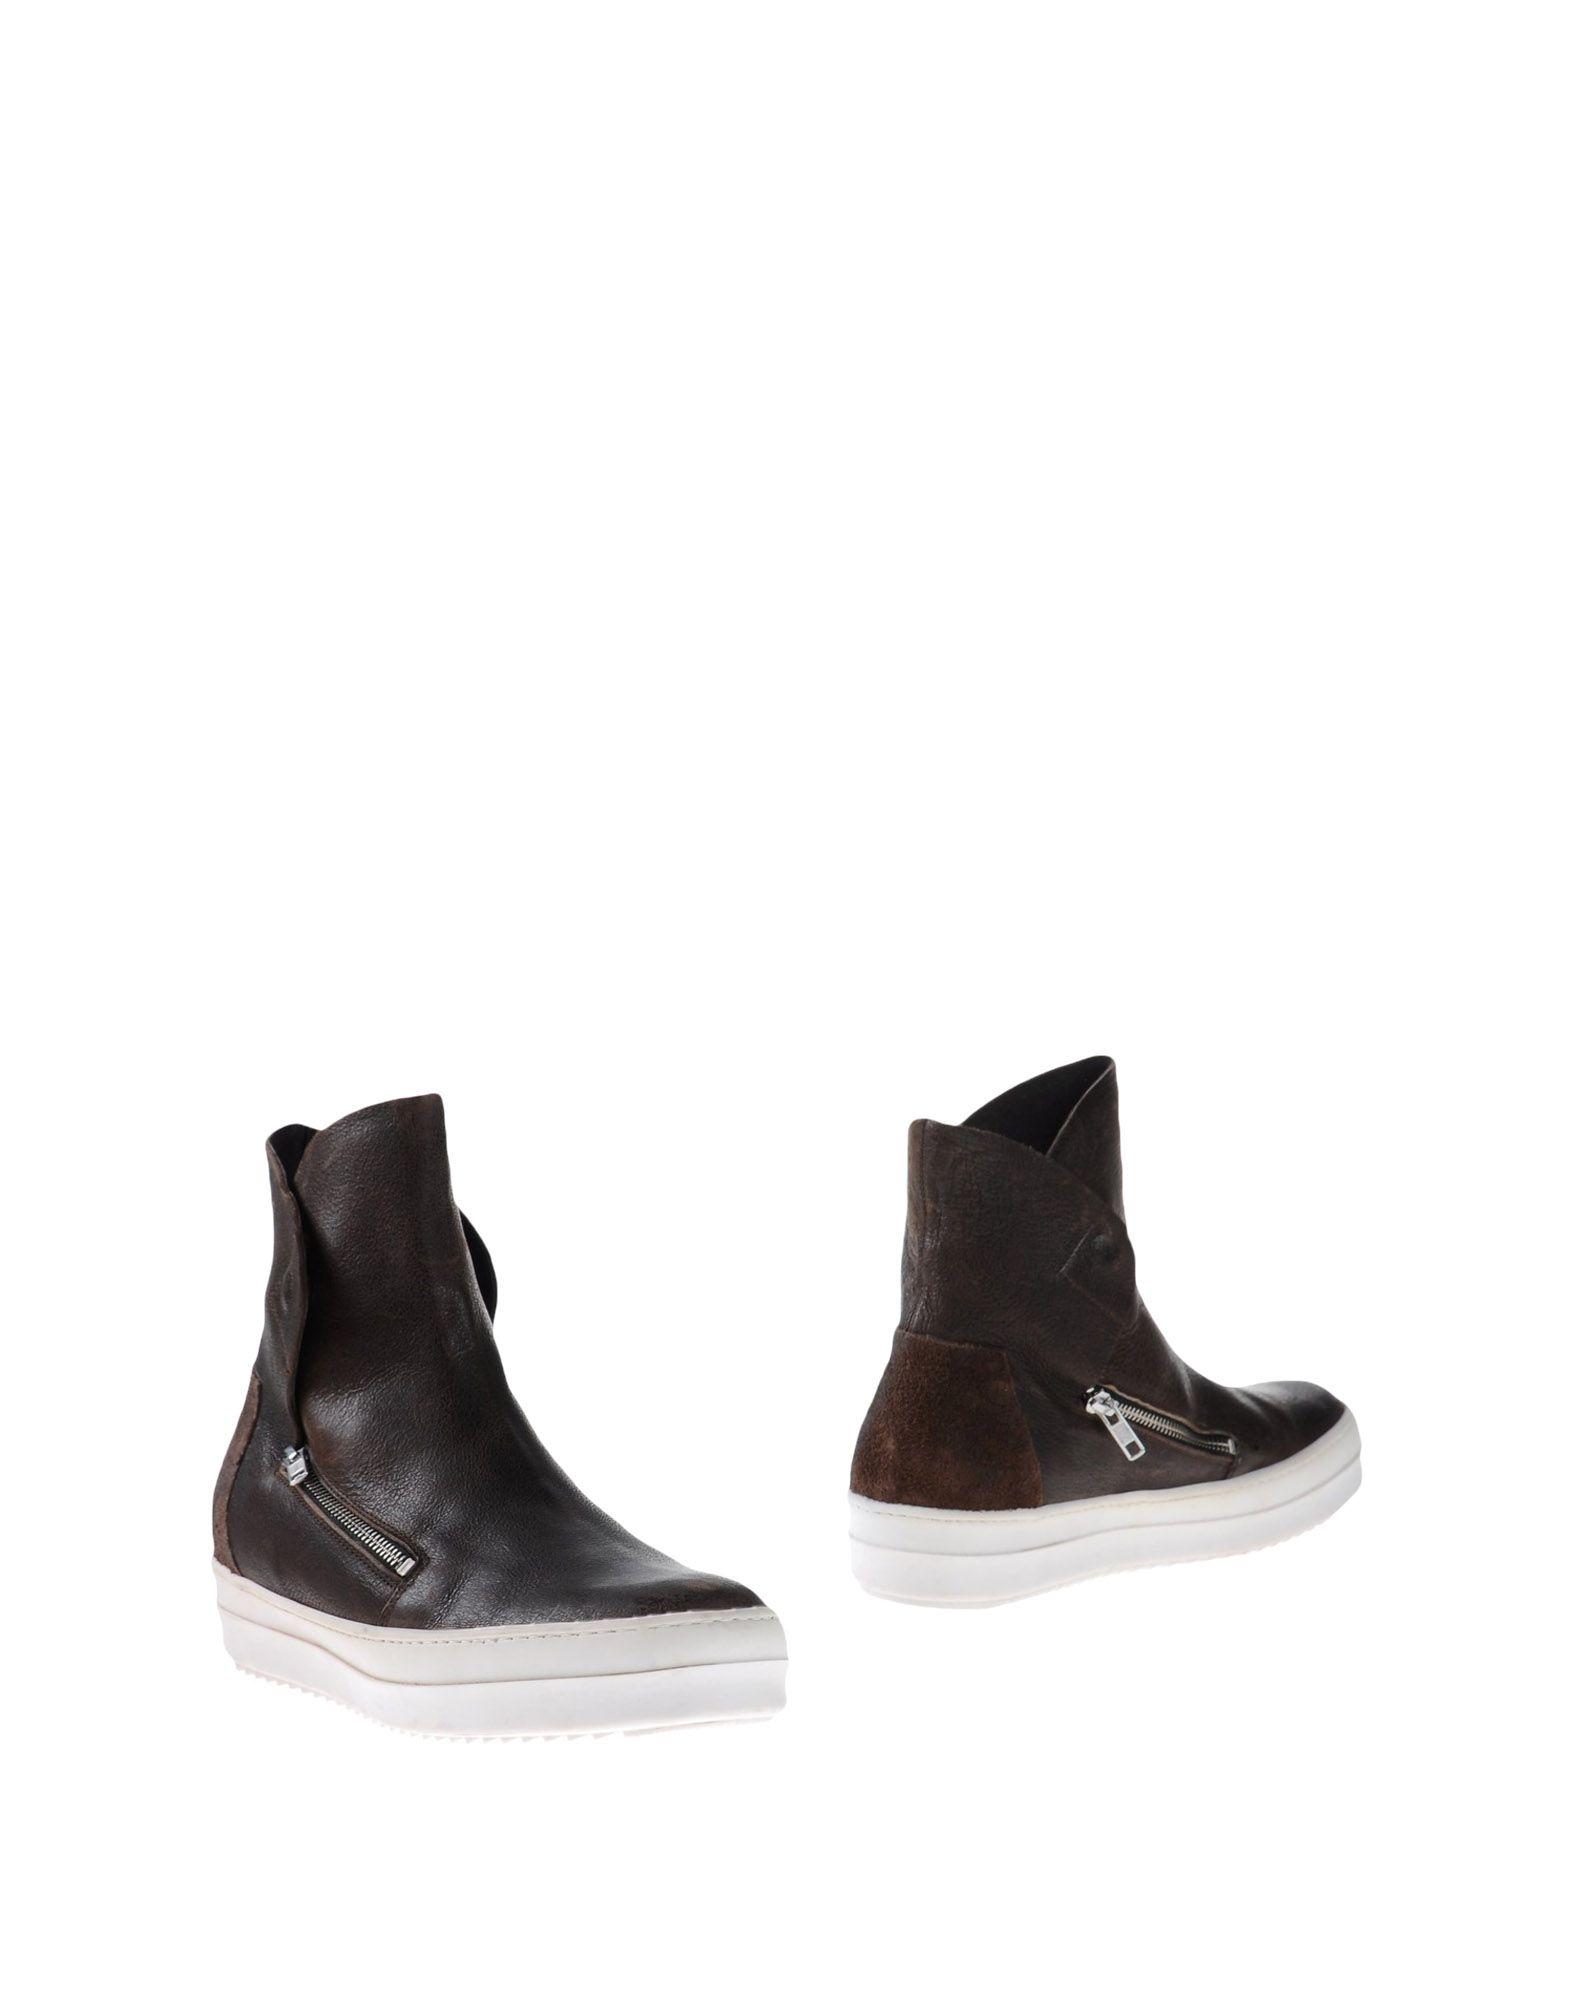 DANIELE ALESSANDRINI Полусапоги и высокие ботинки цены онлайн